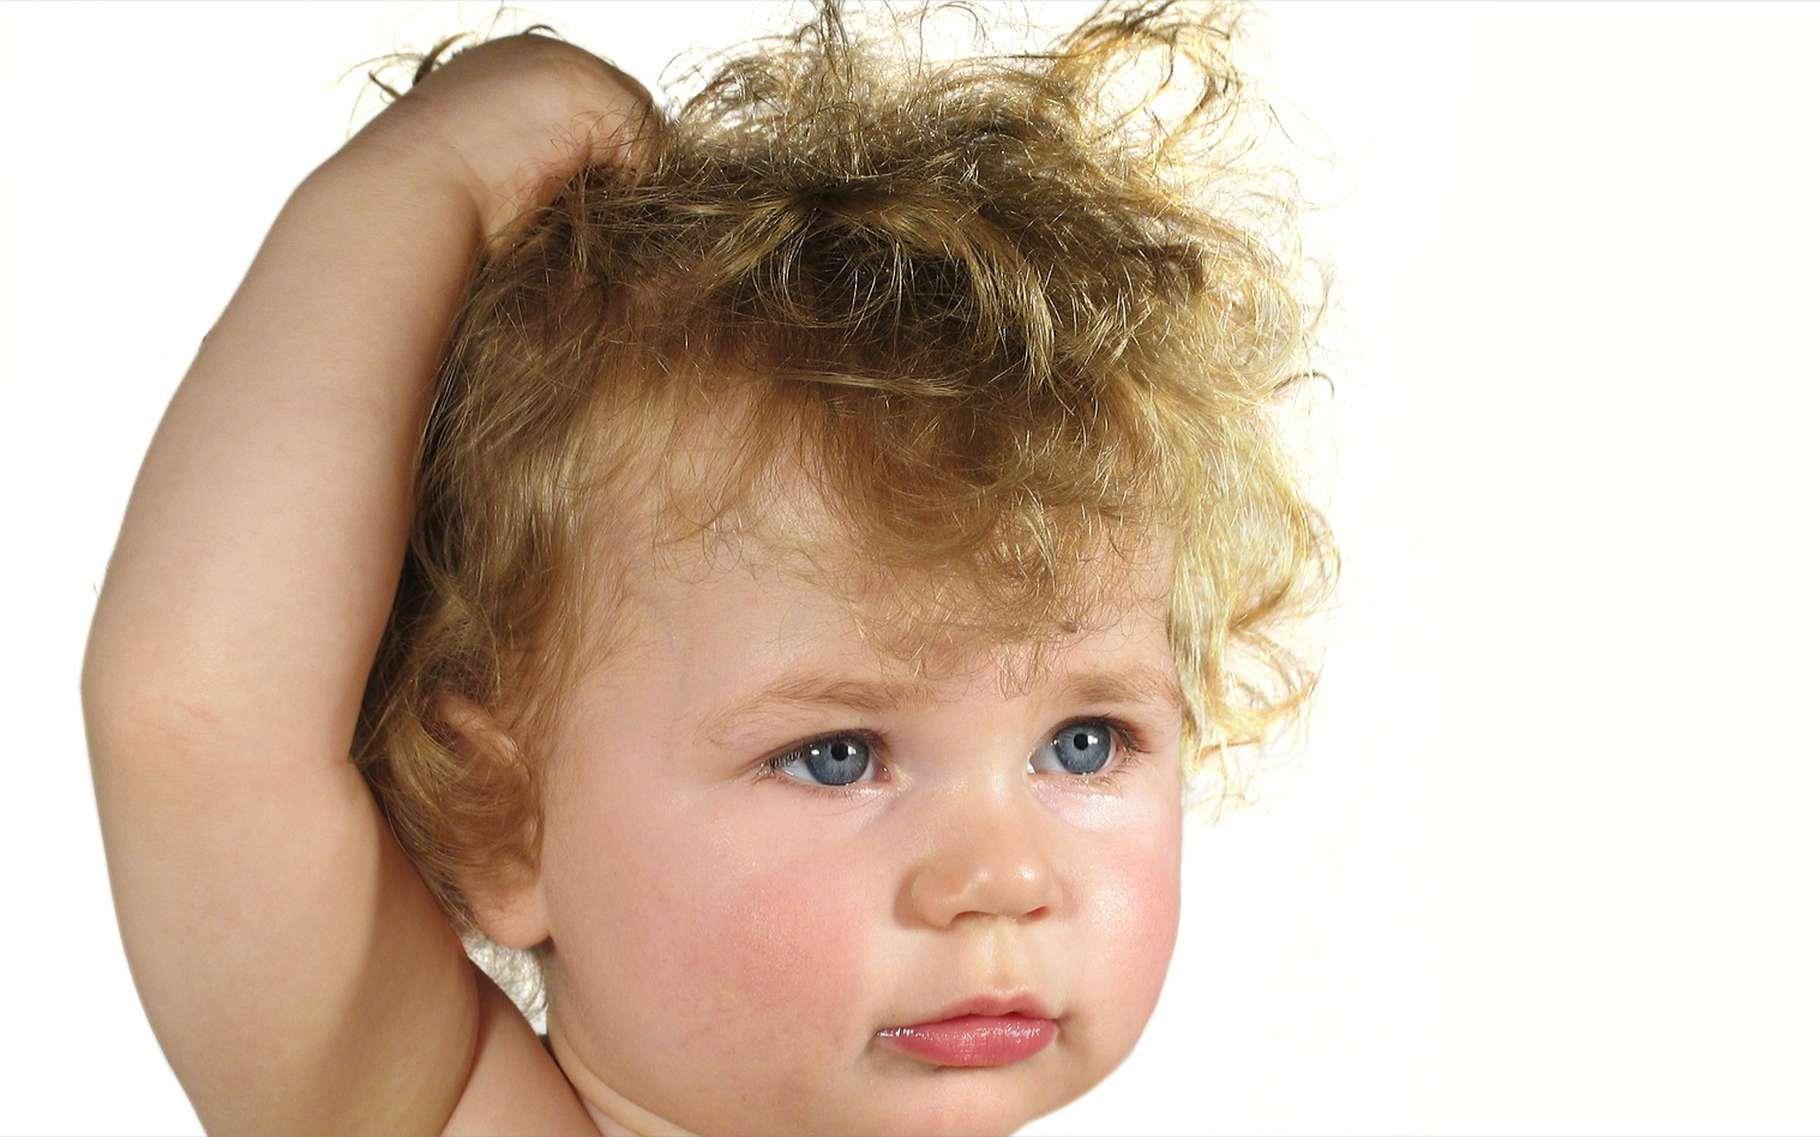 Dans le syndrome des cheveux incoiffables, les cheveux ébouriffés poussent dans toutes les directions. © Anita Patterson Peppers, Shutterstock